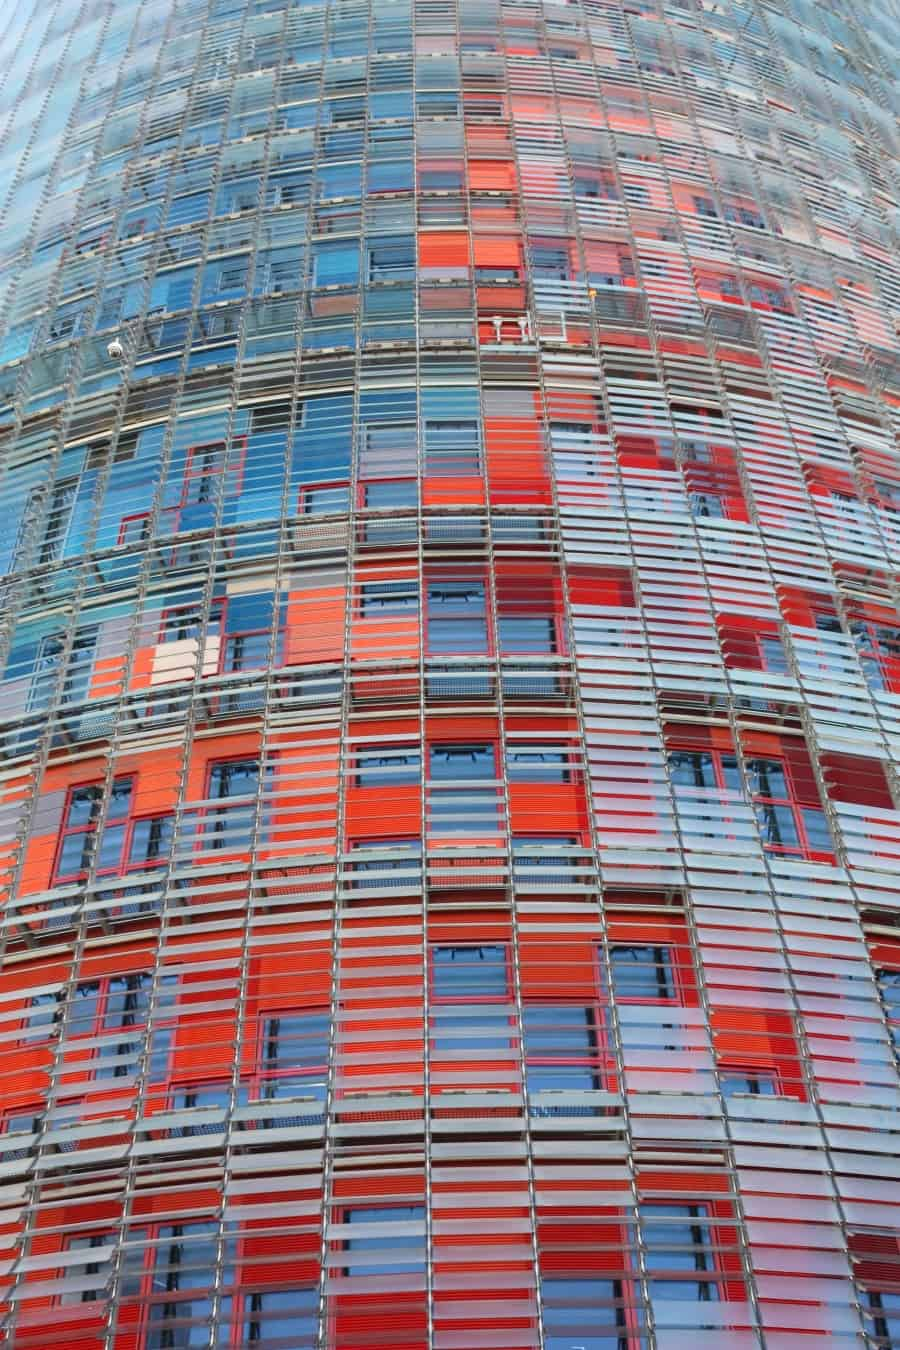 Чешуйки башни Агбар в Барселоне днём